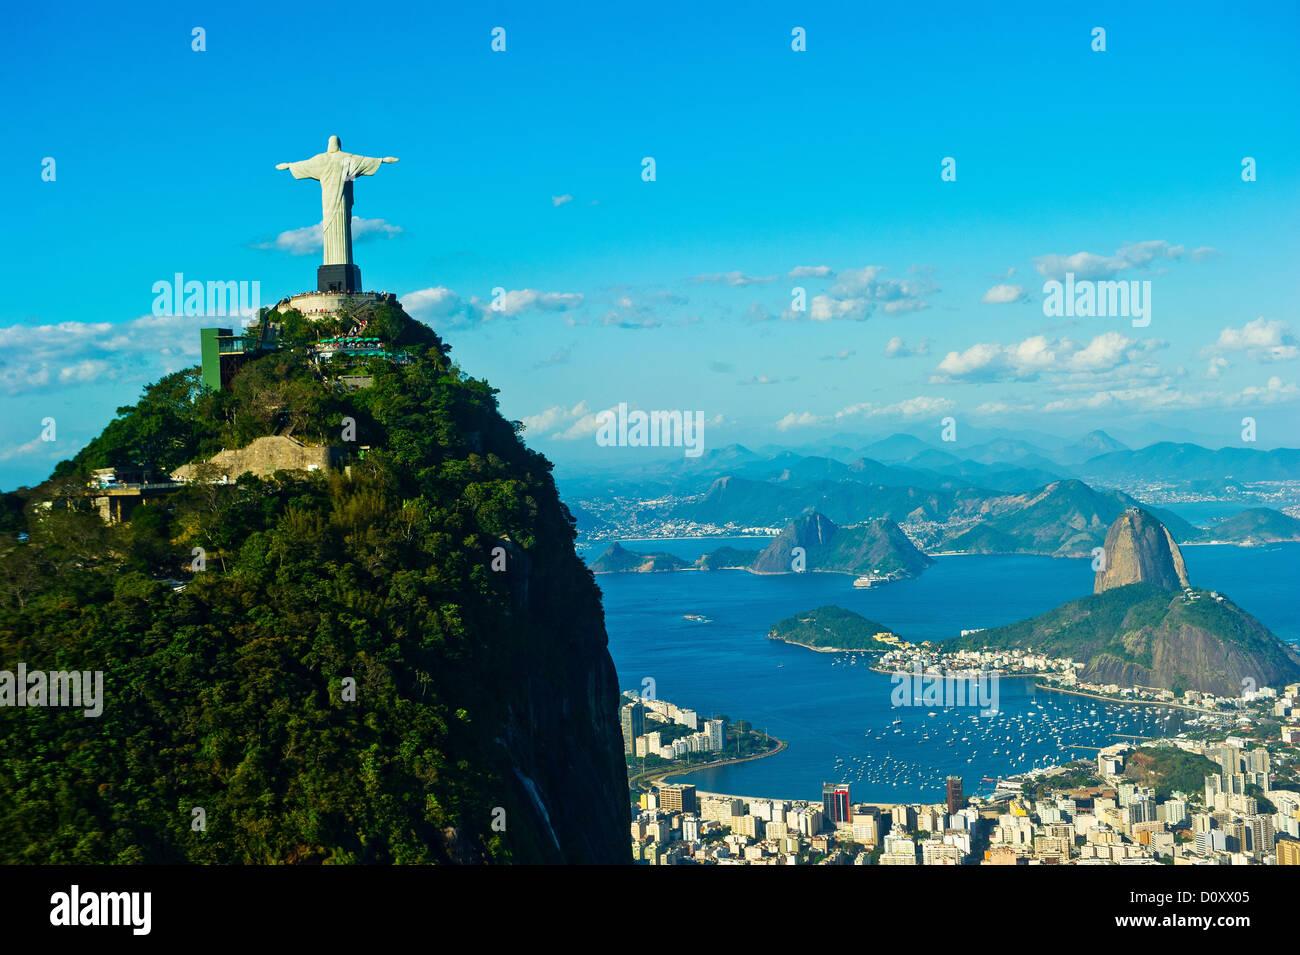 Statue du Christ Rédempteur qui surplombe Rio de Janeiro et Sugarloaf Mountain, Brésil Photo Stock